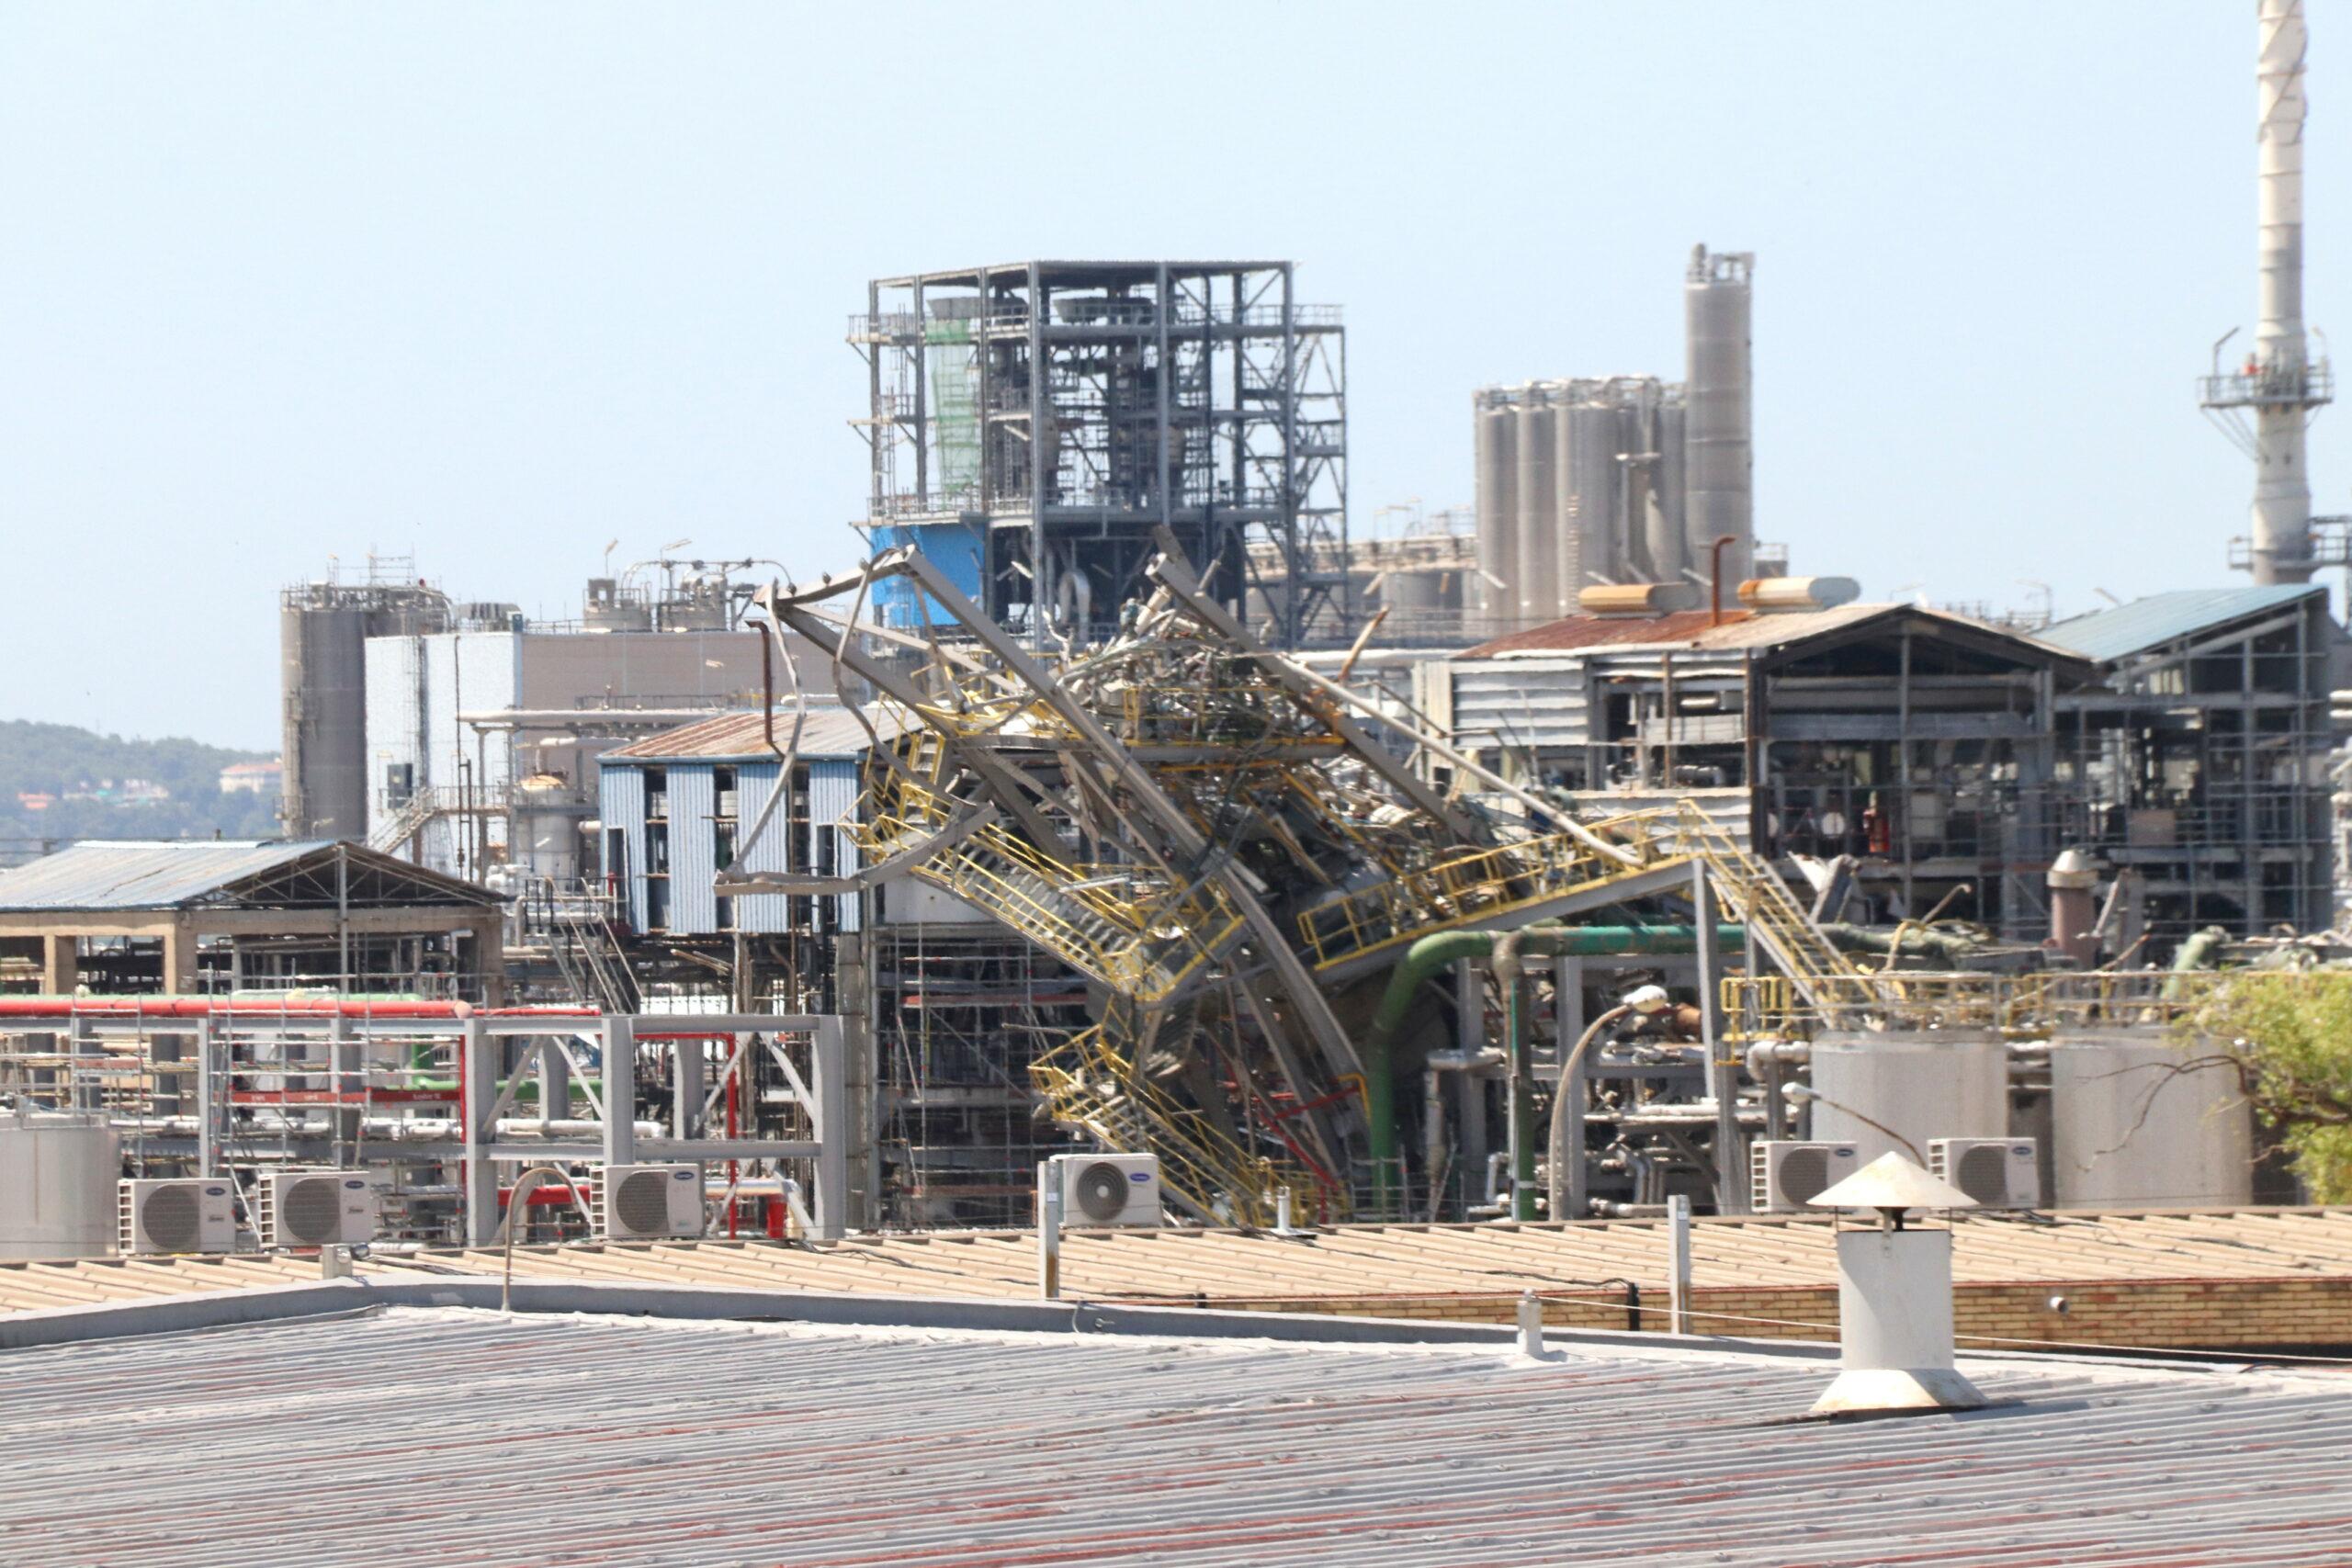 Zona on va explotar un reactor a la planta de derivats d'òxid d'etilè a les instal·lacions de l'empresa IQOXE a La Canonja, sis mesos després del sinistre | ACN